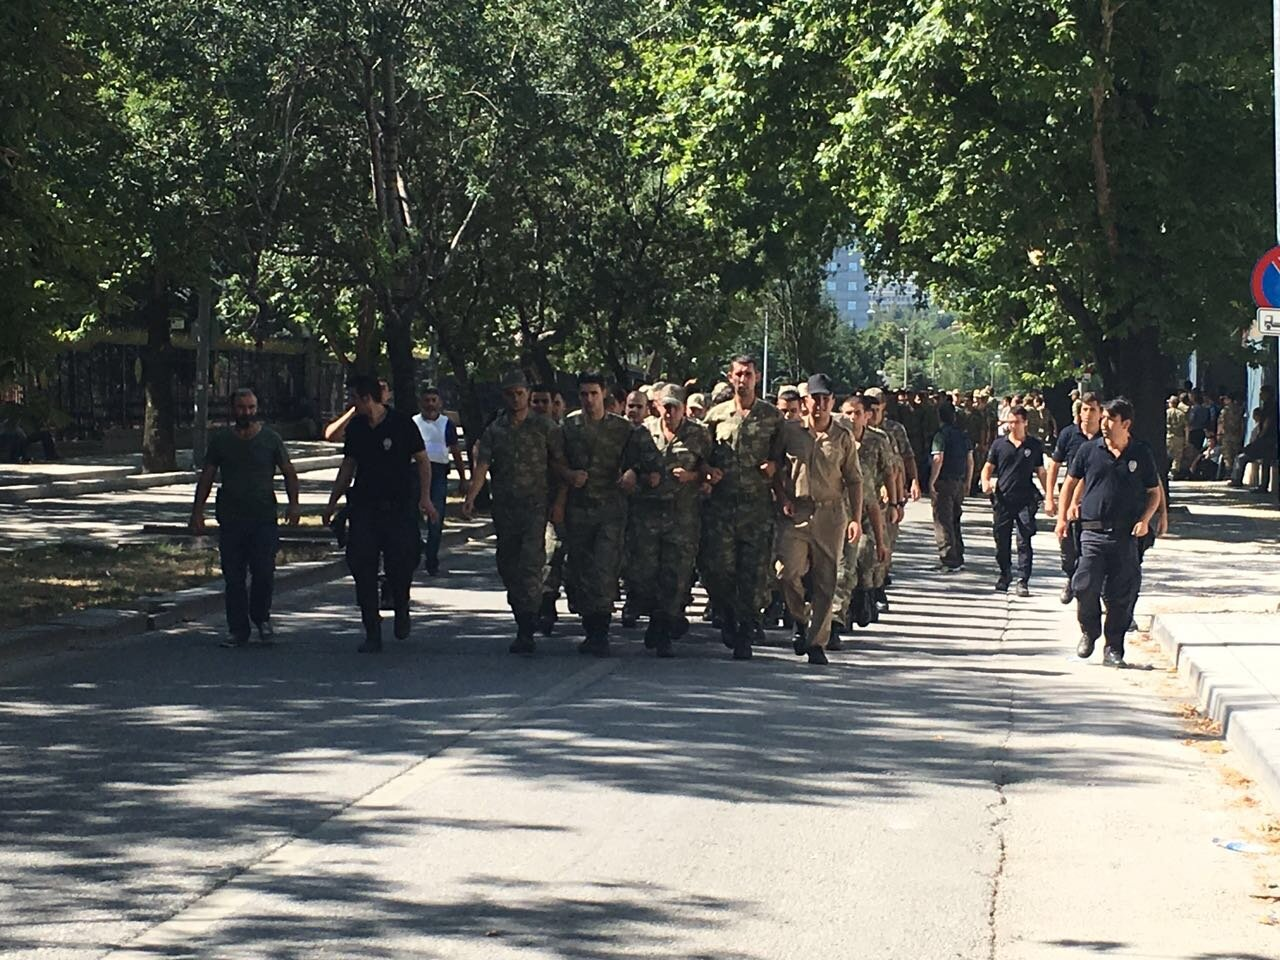 Bölgeye özel harekat ve özel kuvvetlerden askerler getirildi. Bu hazırlıkların ardından polis Genelkurmay karargahına girdi.